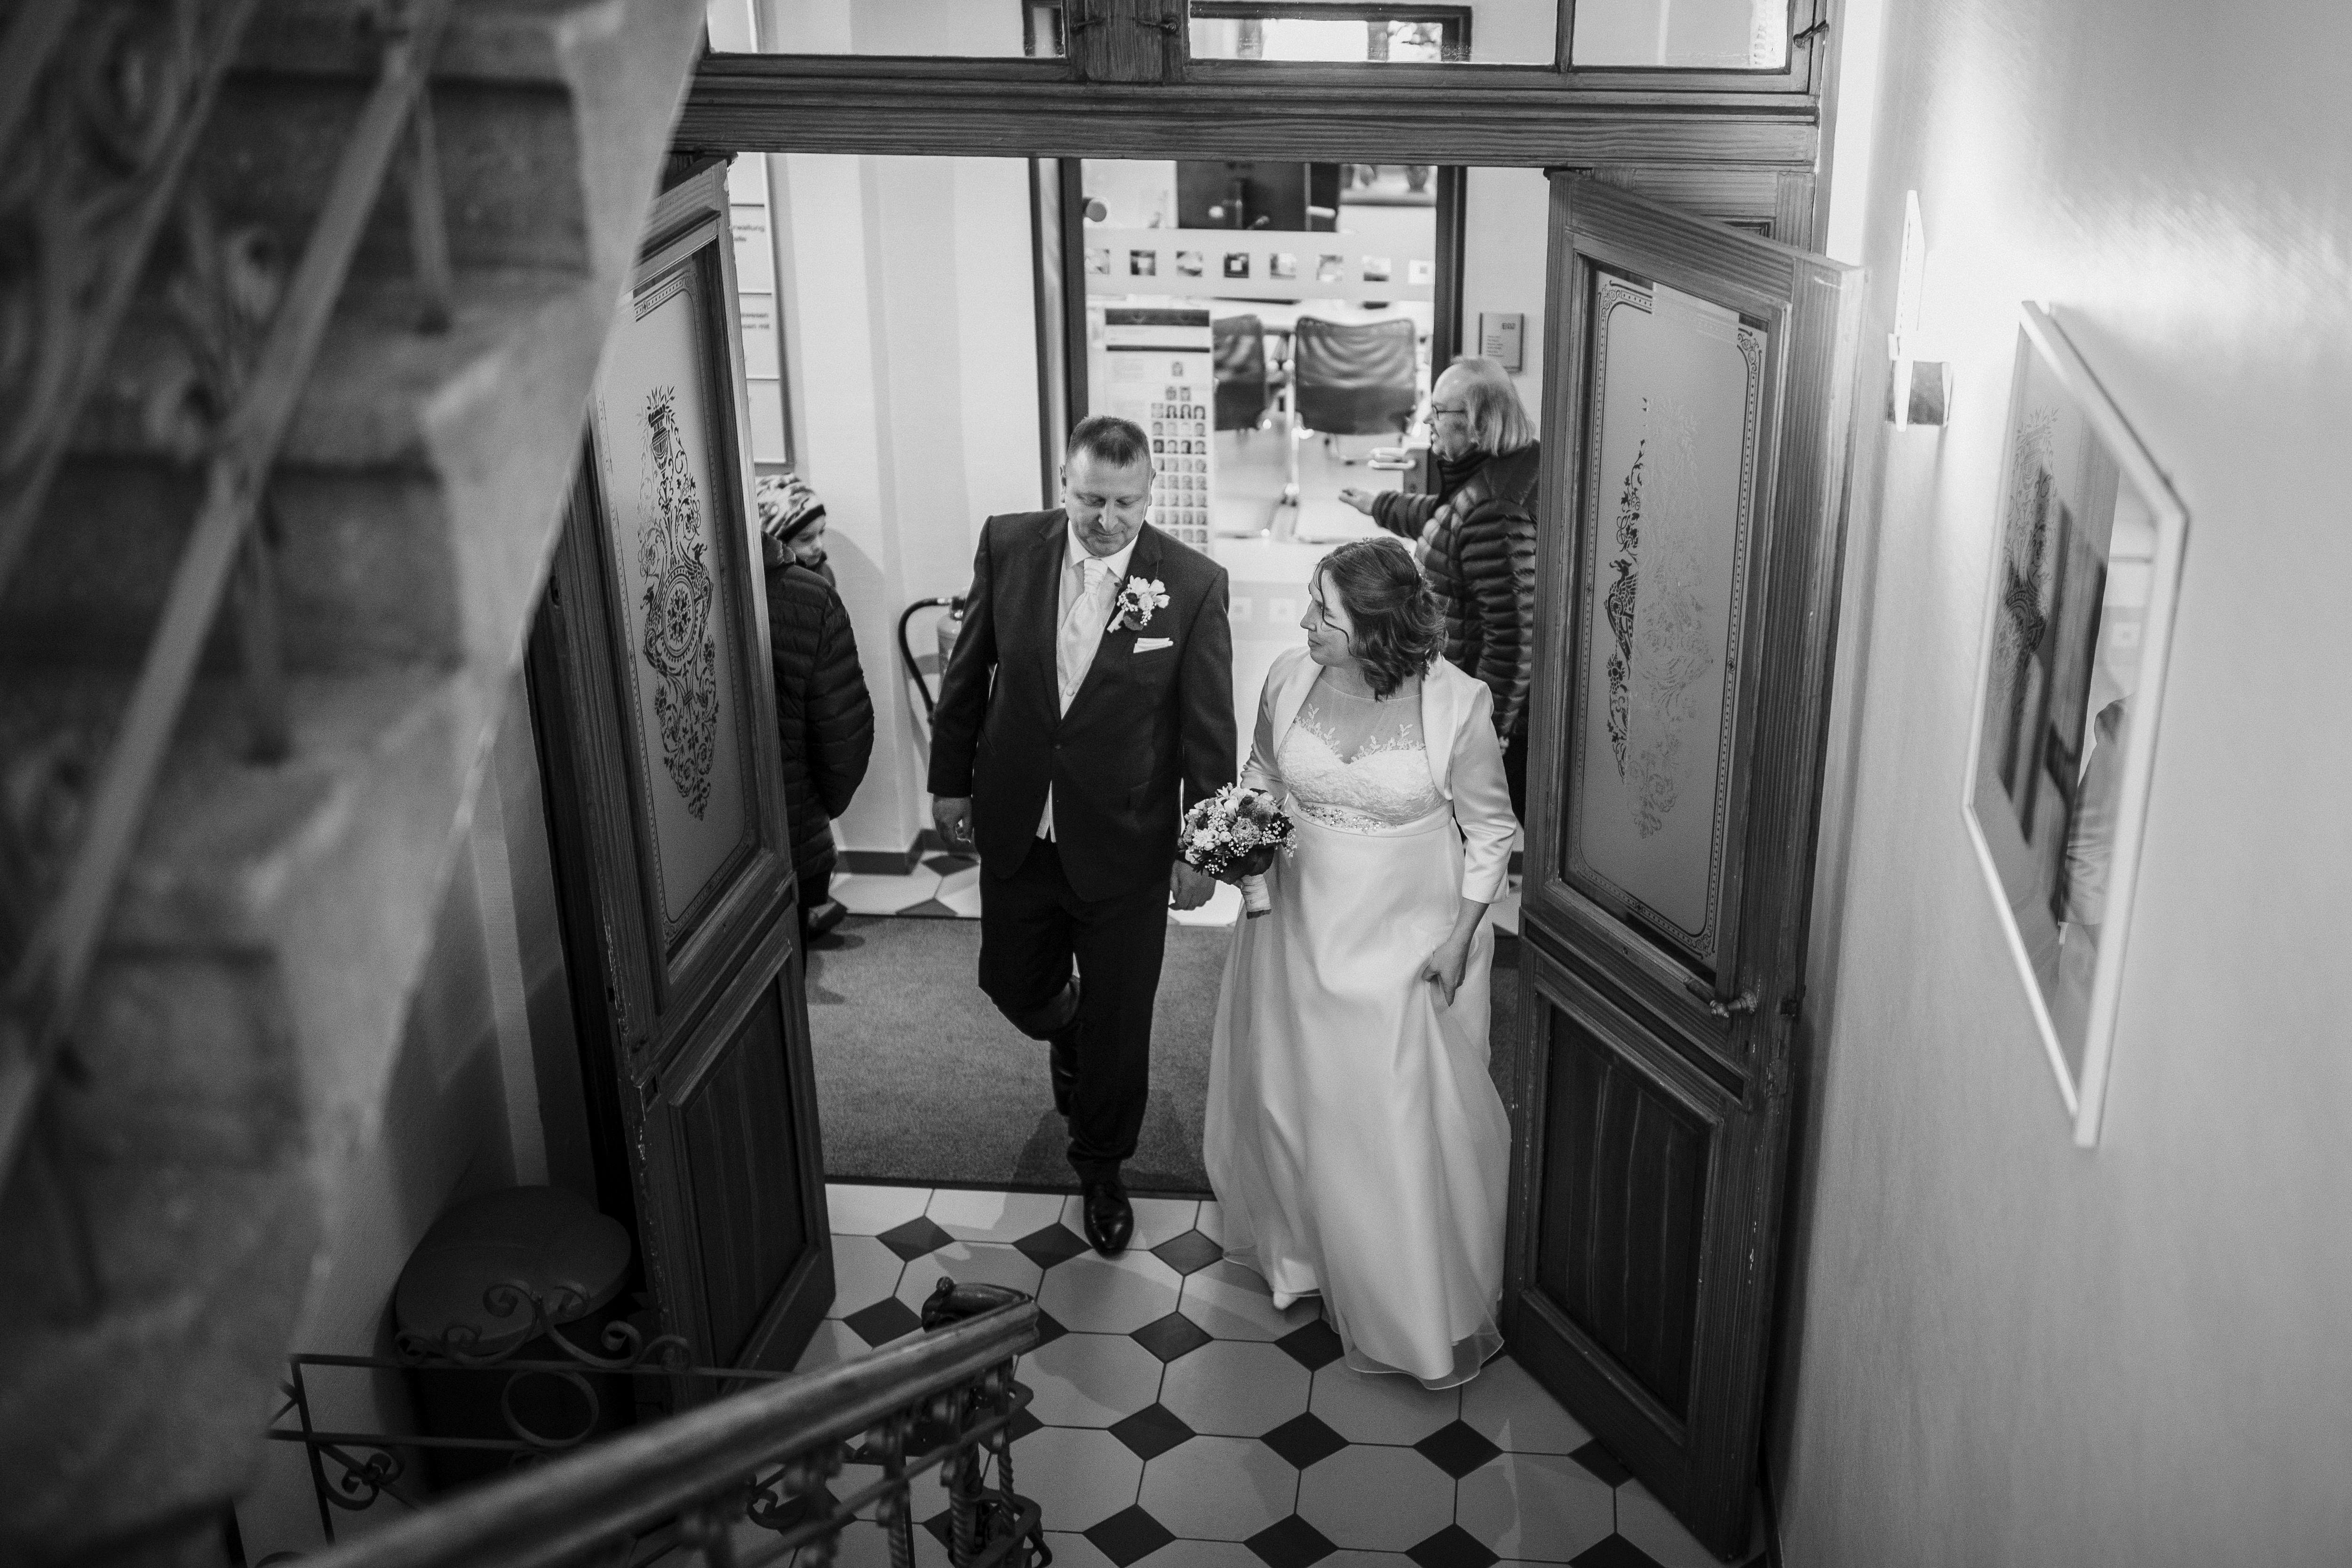 URBANERIE_Daniela_Goth_Hochzeitsfotografin_Nürnberg_Fürth_Erlangen_Schwabach_180223_0193